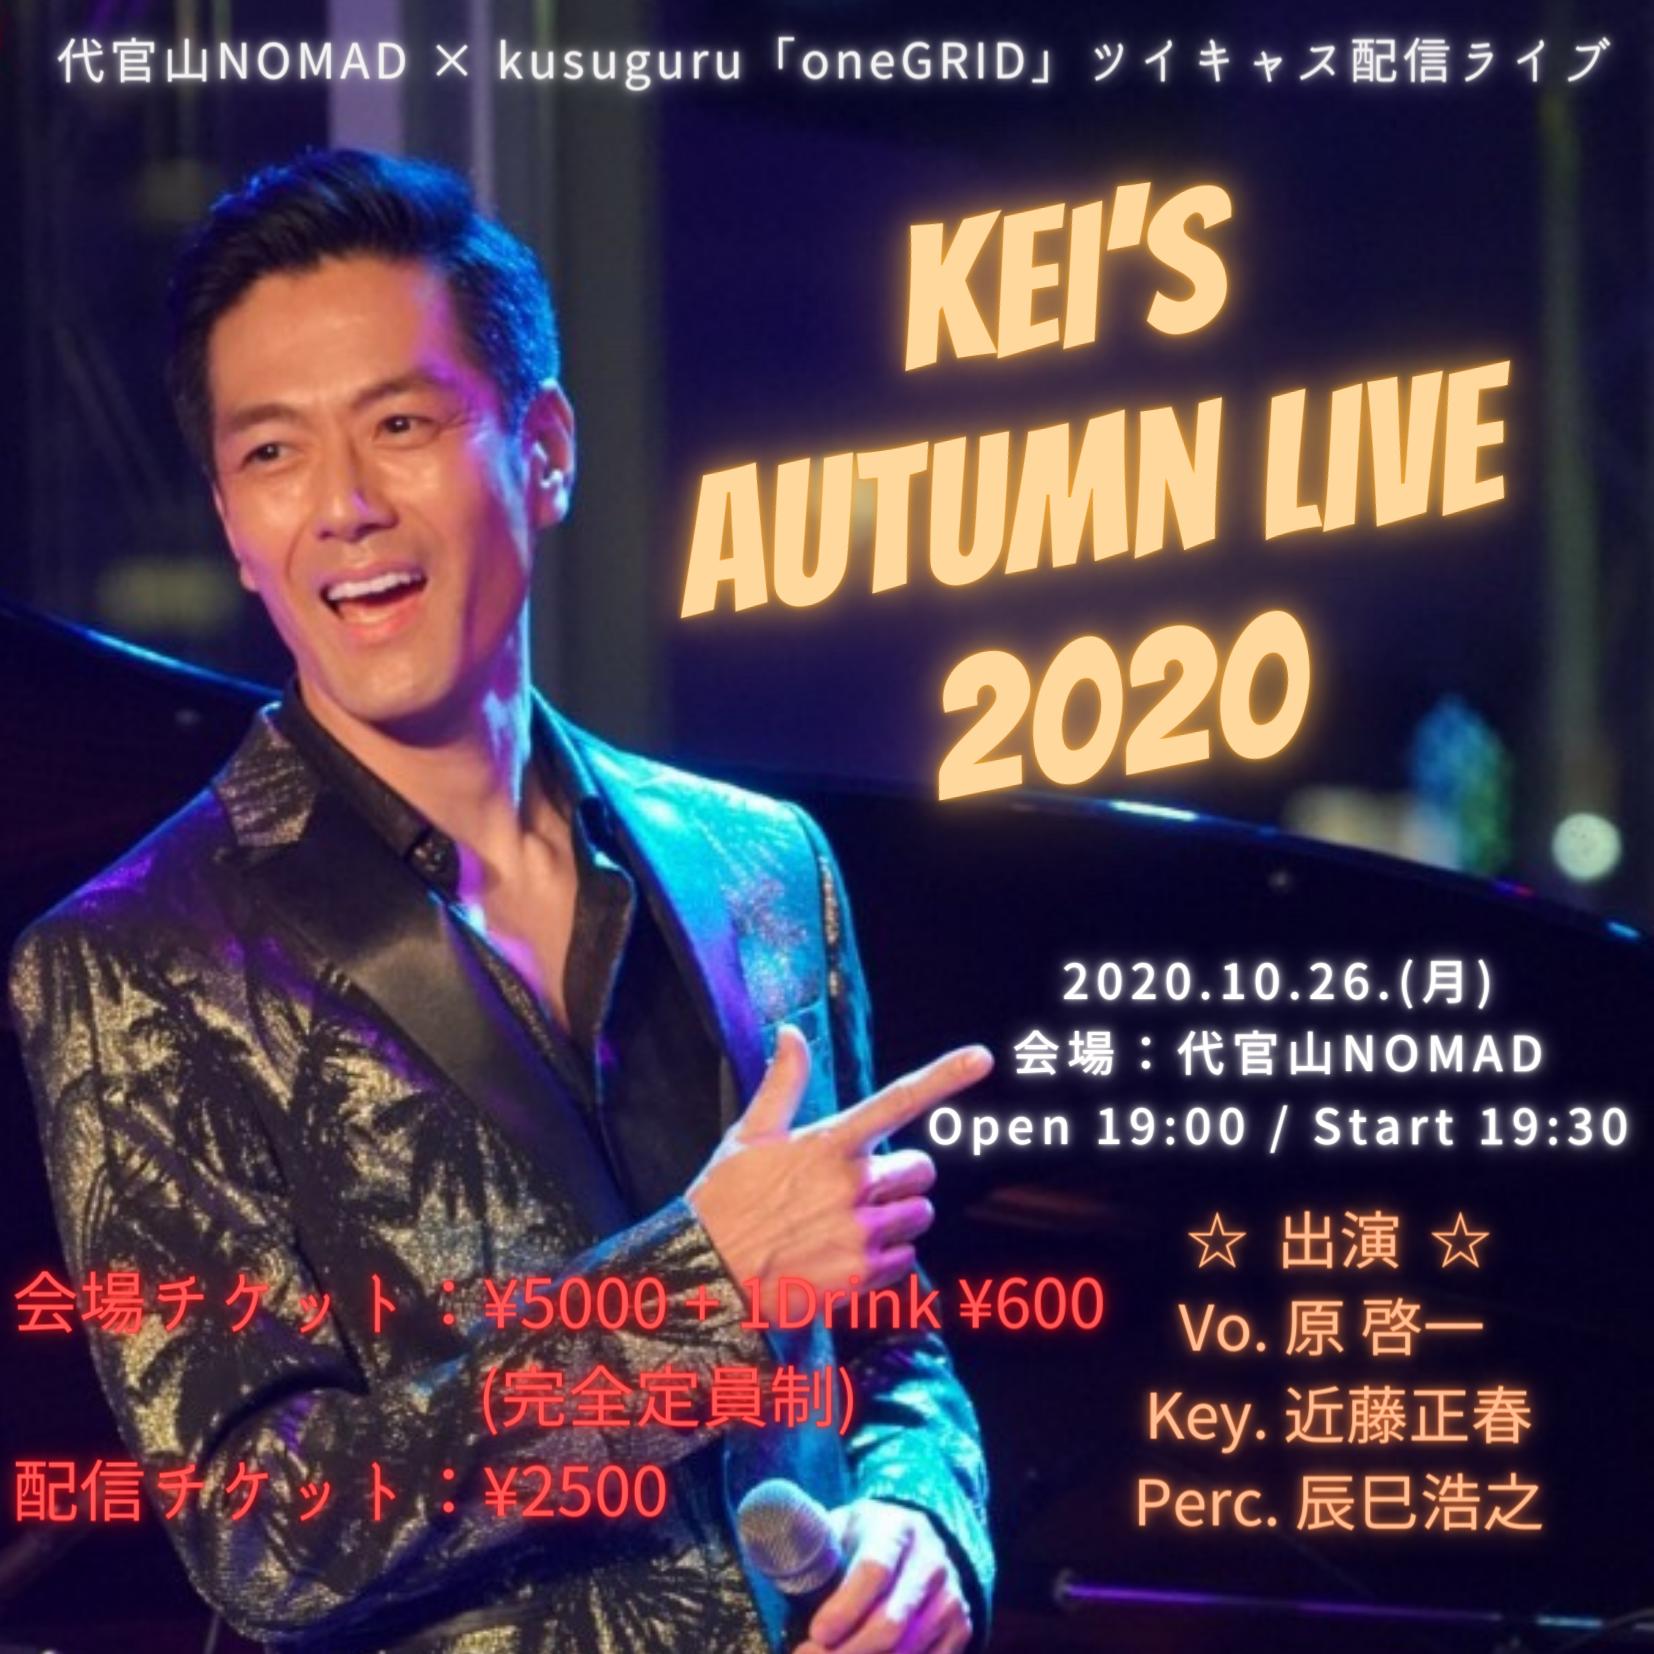 「KEI's  Autumn Live 2020」